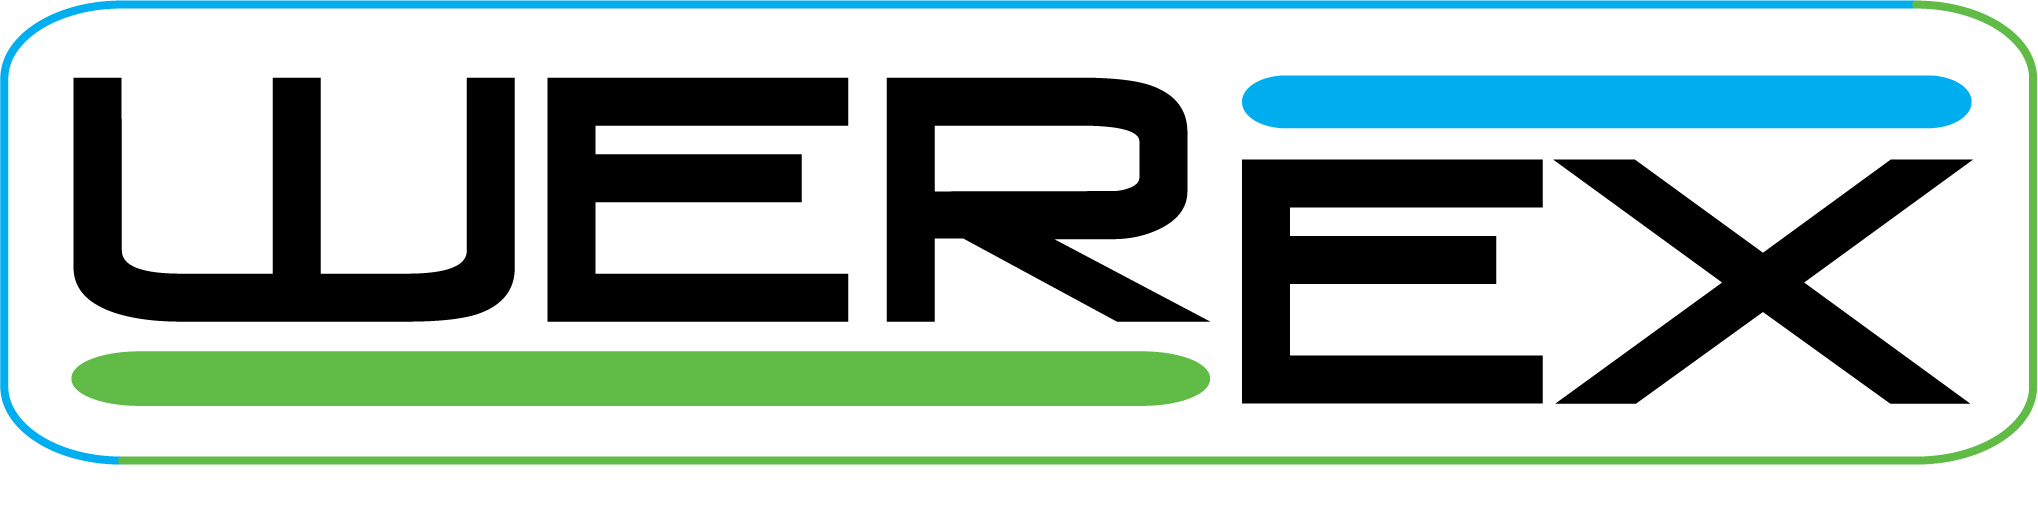 WEREX.org